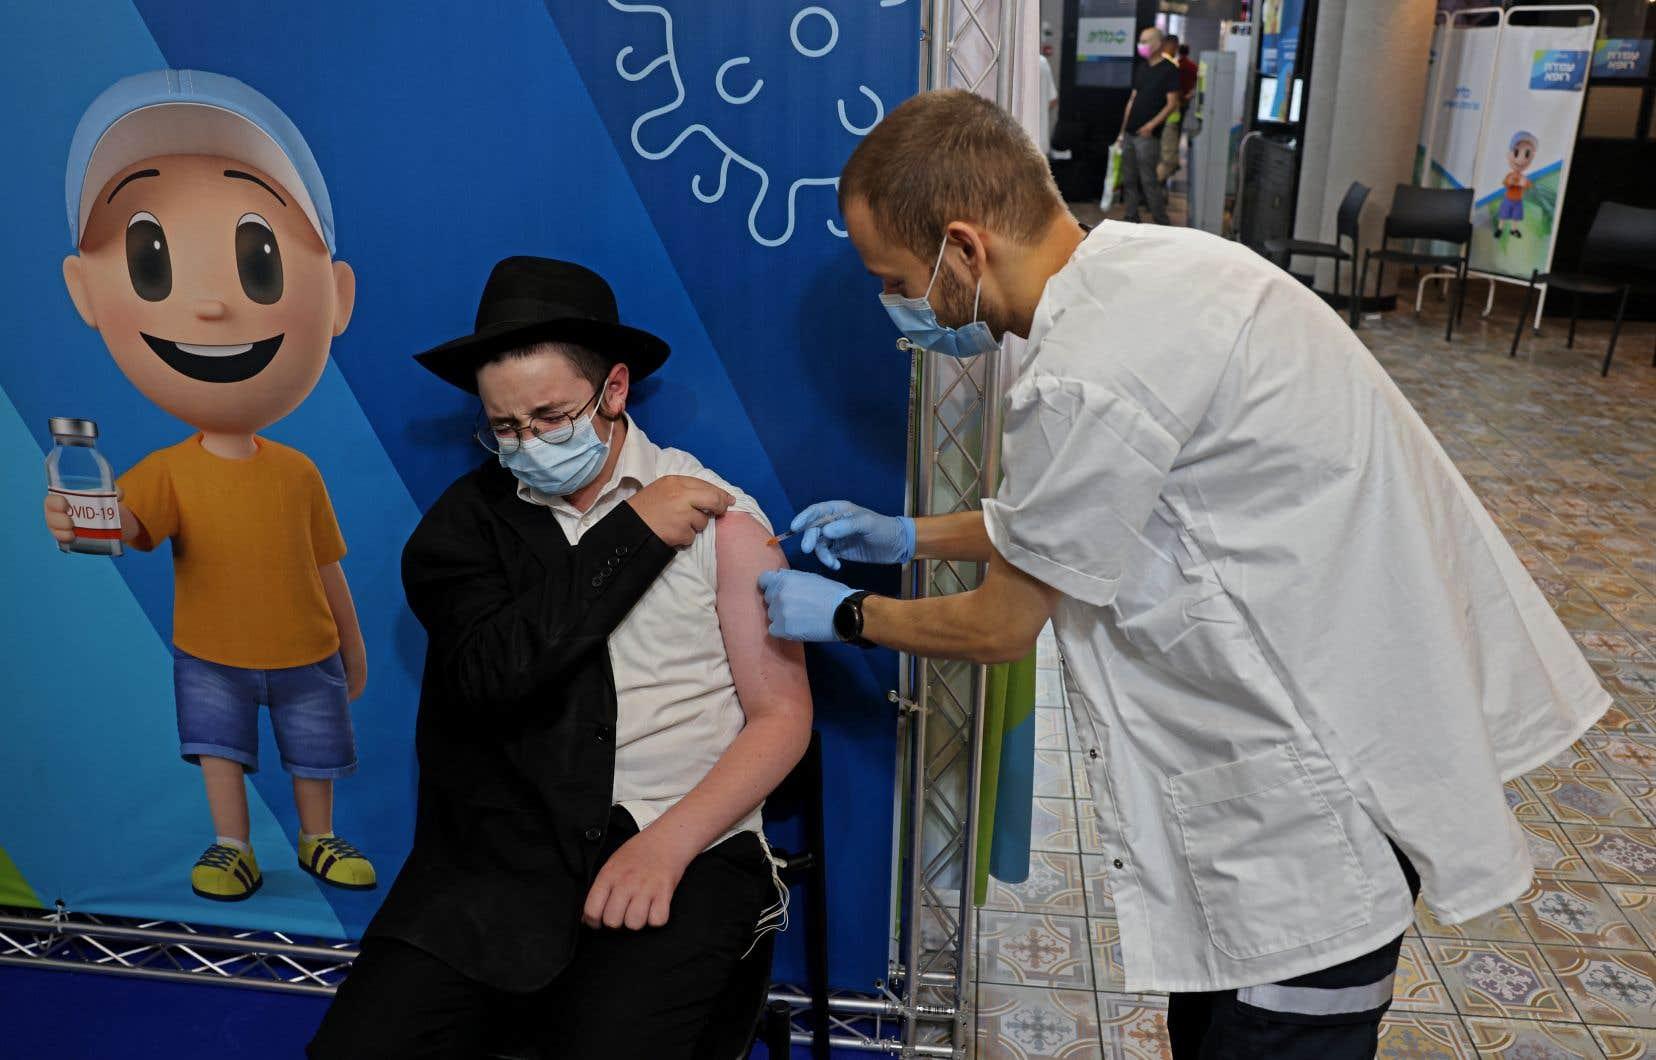 L'immunité vaccinale décline avec le temps, selon une étude effectuée sur la population israélienne, l'une des premières à avoir reçu ses deux doses de vaccin contre la COVID-19.